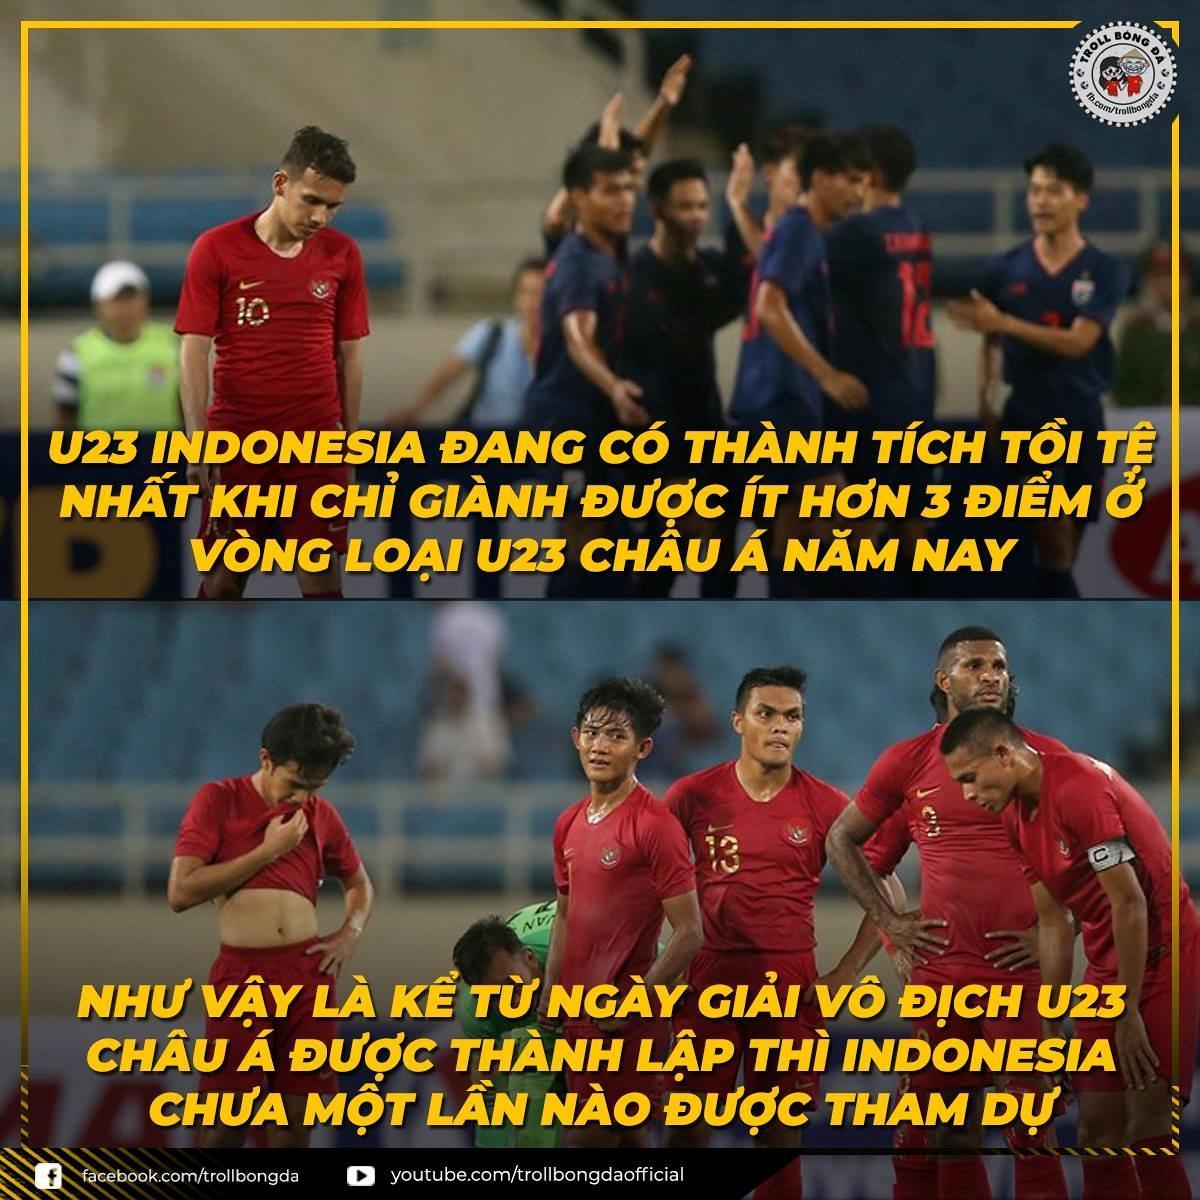 Biếm họa 24h: CĐV Indonesia kỳ vọng U23 Thái Lan, Hà Lan nhận kết đắng Ảnh 1